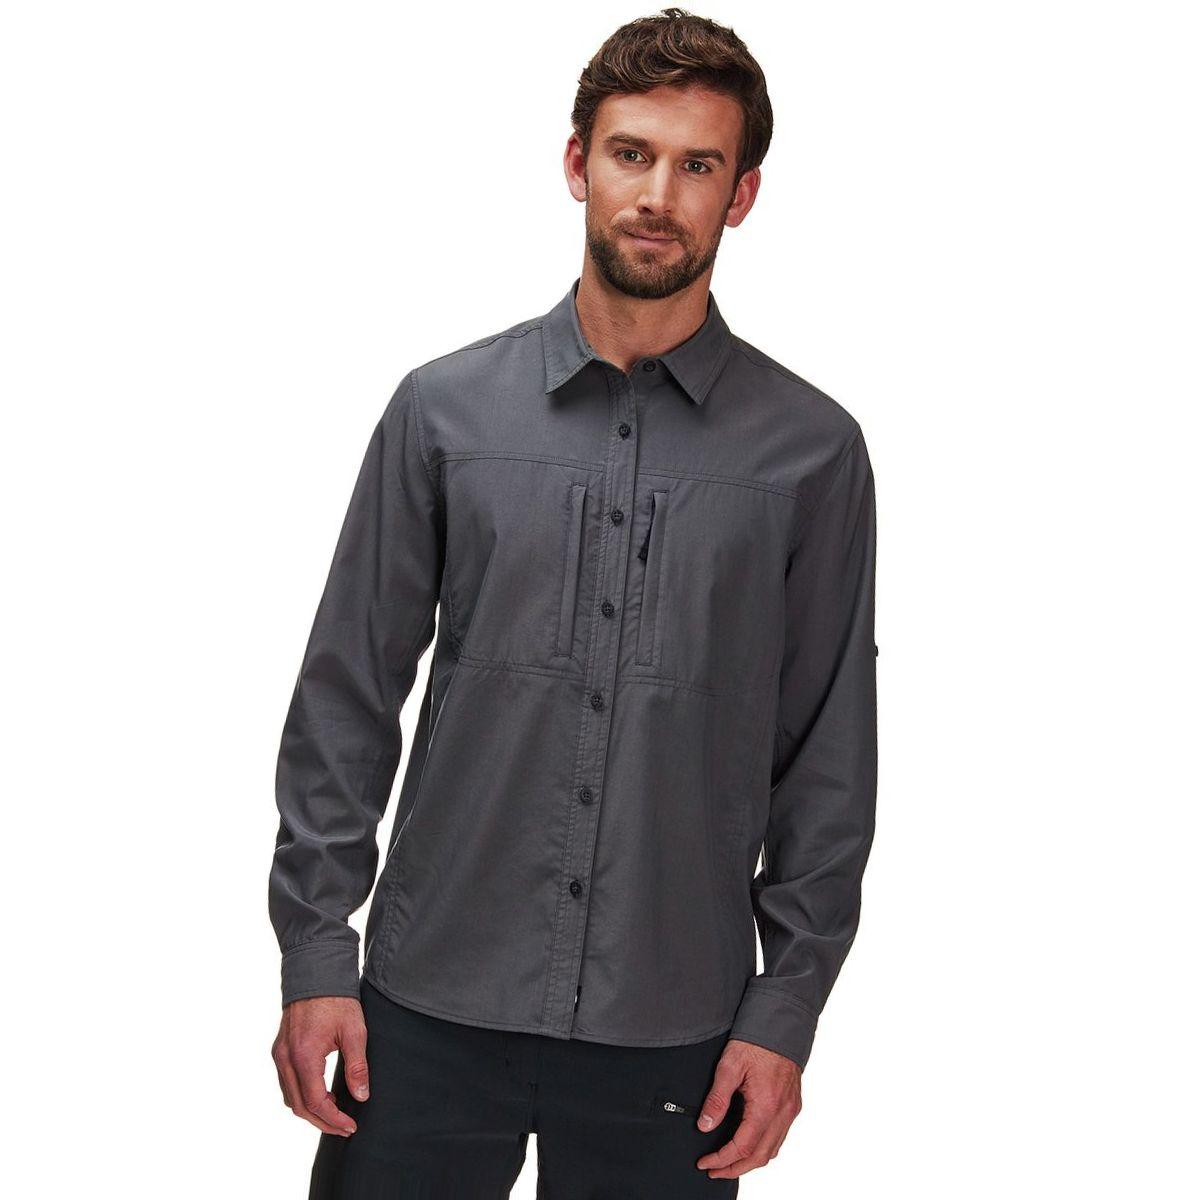 Backcountry Kessler Active Shirt - Men's